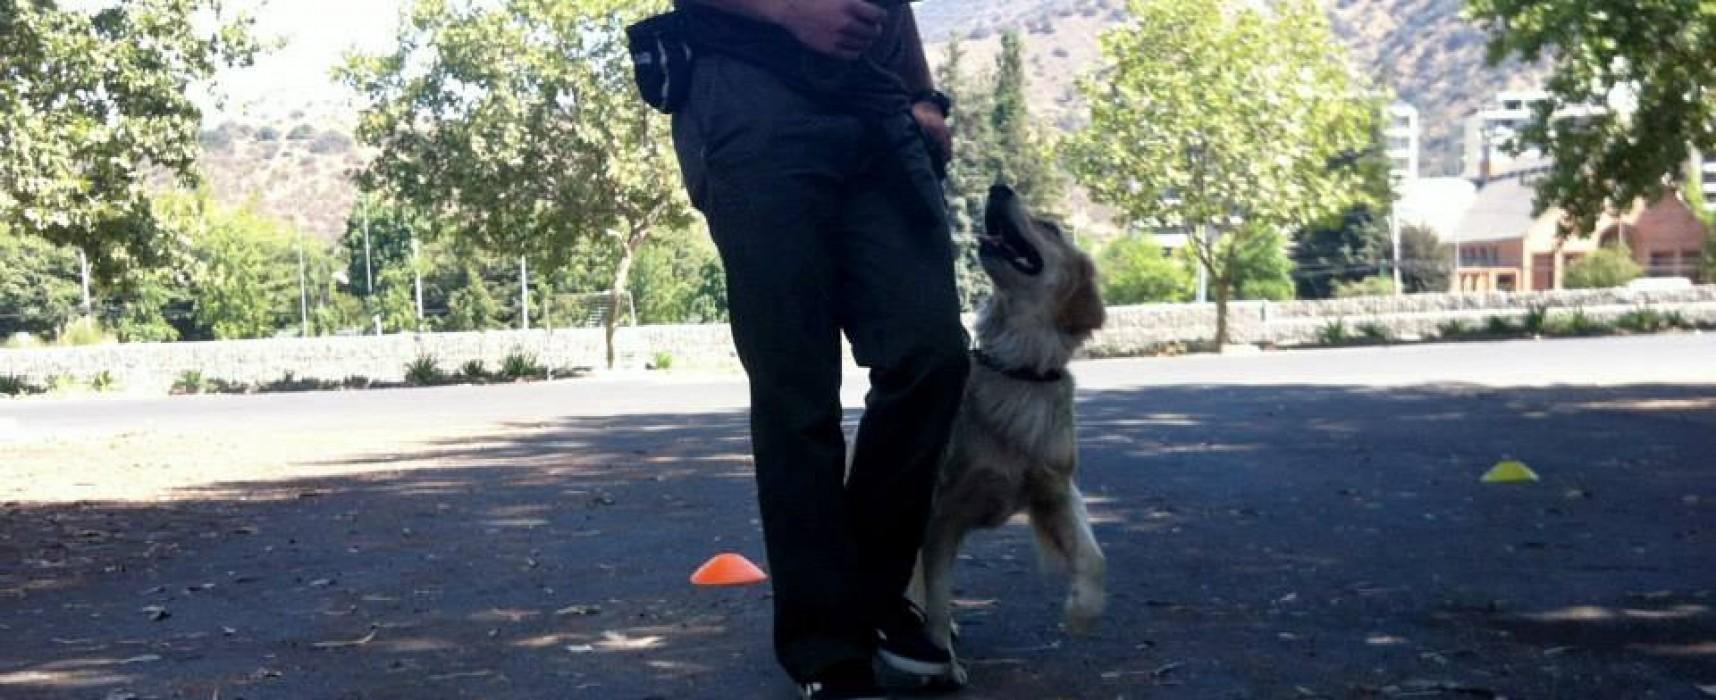 ¿Cómo puedo enseñarle a mi cachorro a hacer sus necesidades en un solo lugar?